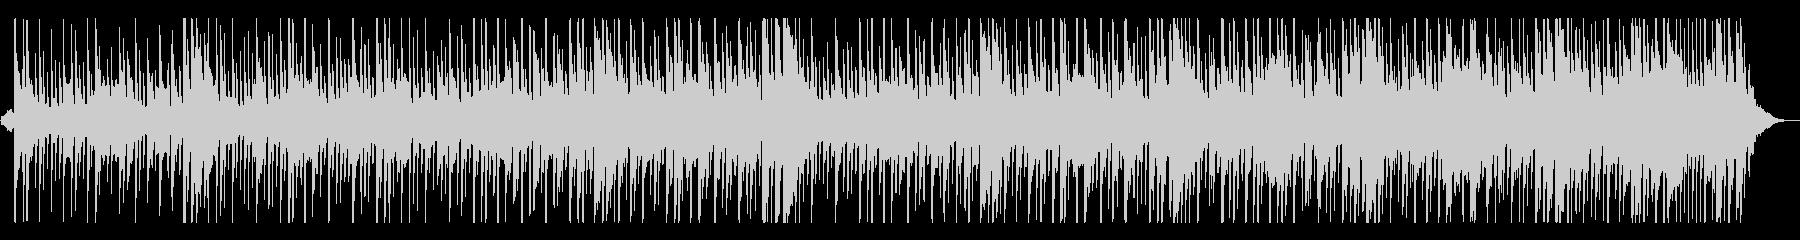 アフリカンなマリンバとドラムのシーケンスの未再生の波形